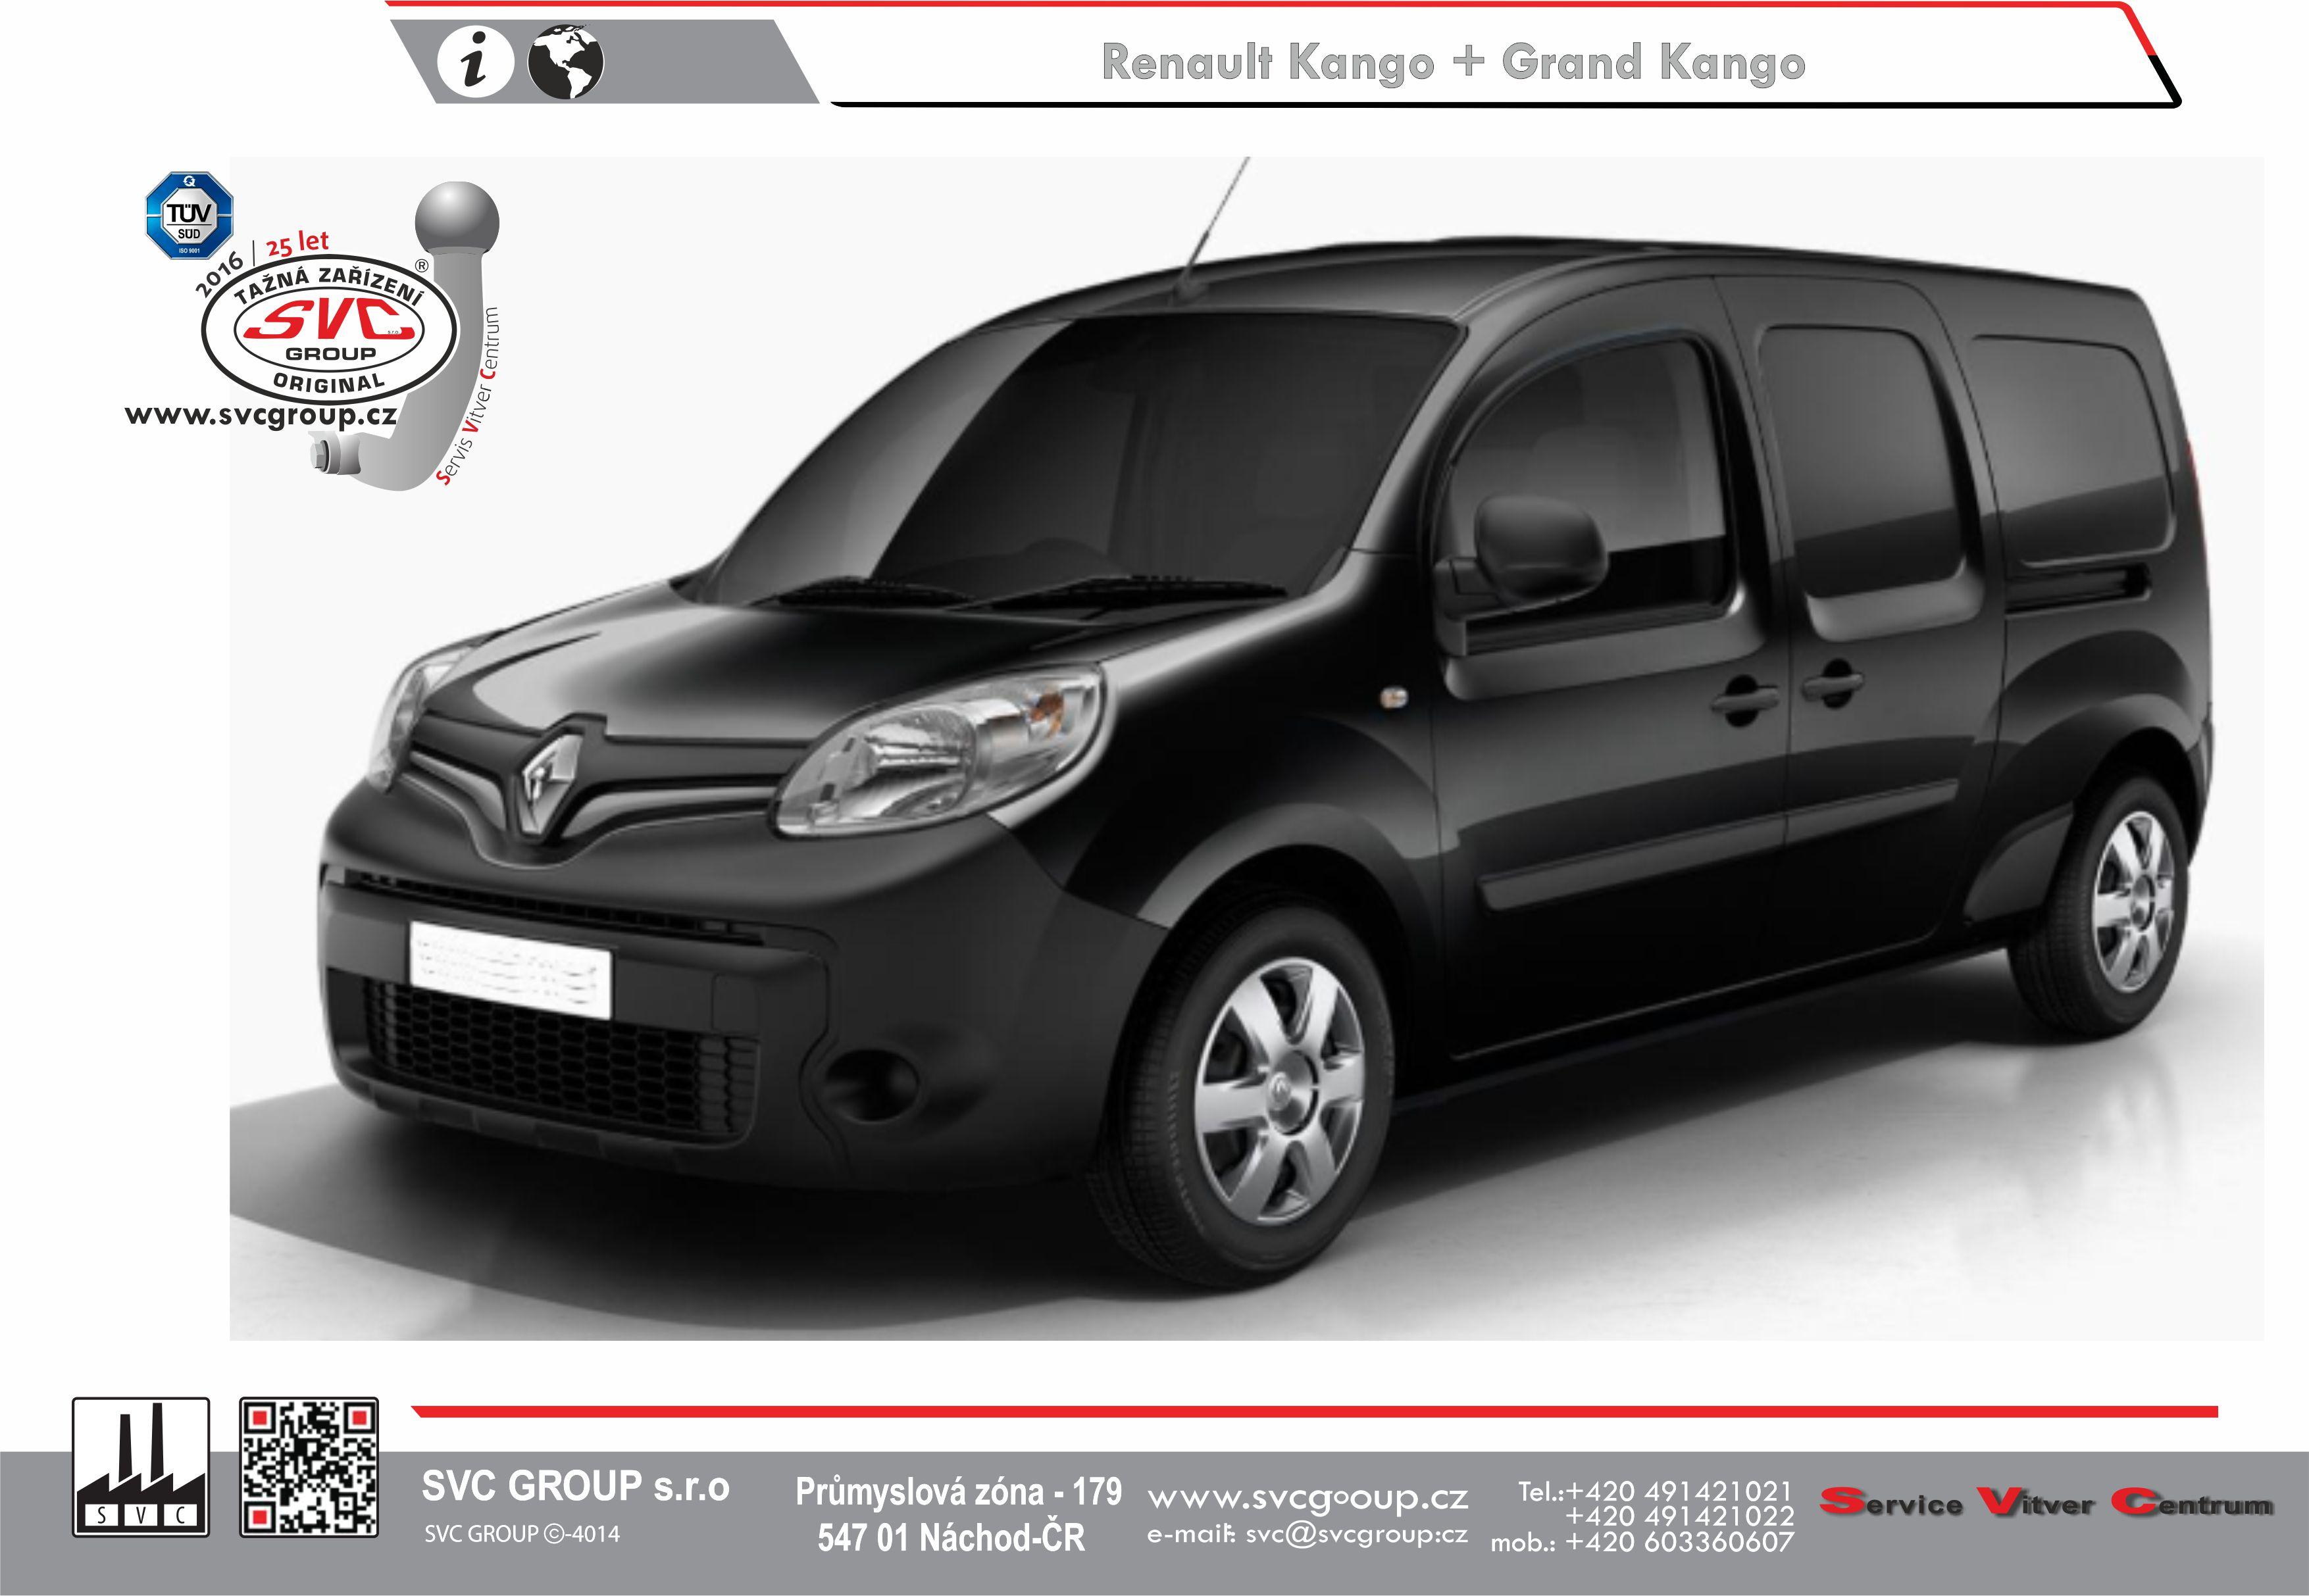 Renault Kangoo Typ II